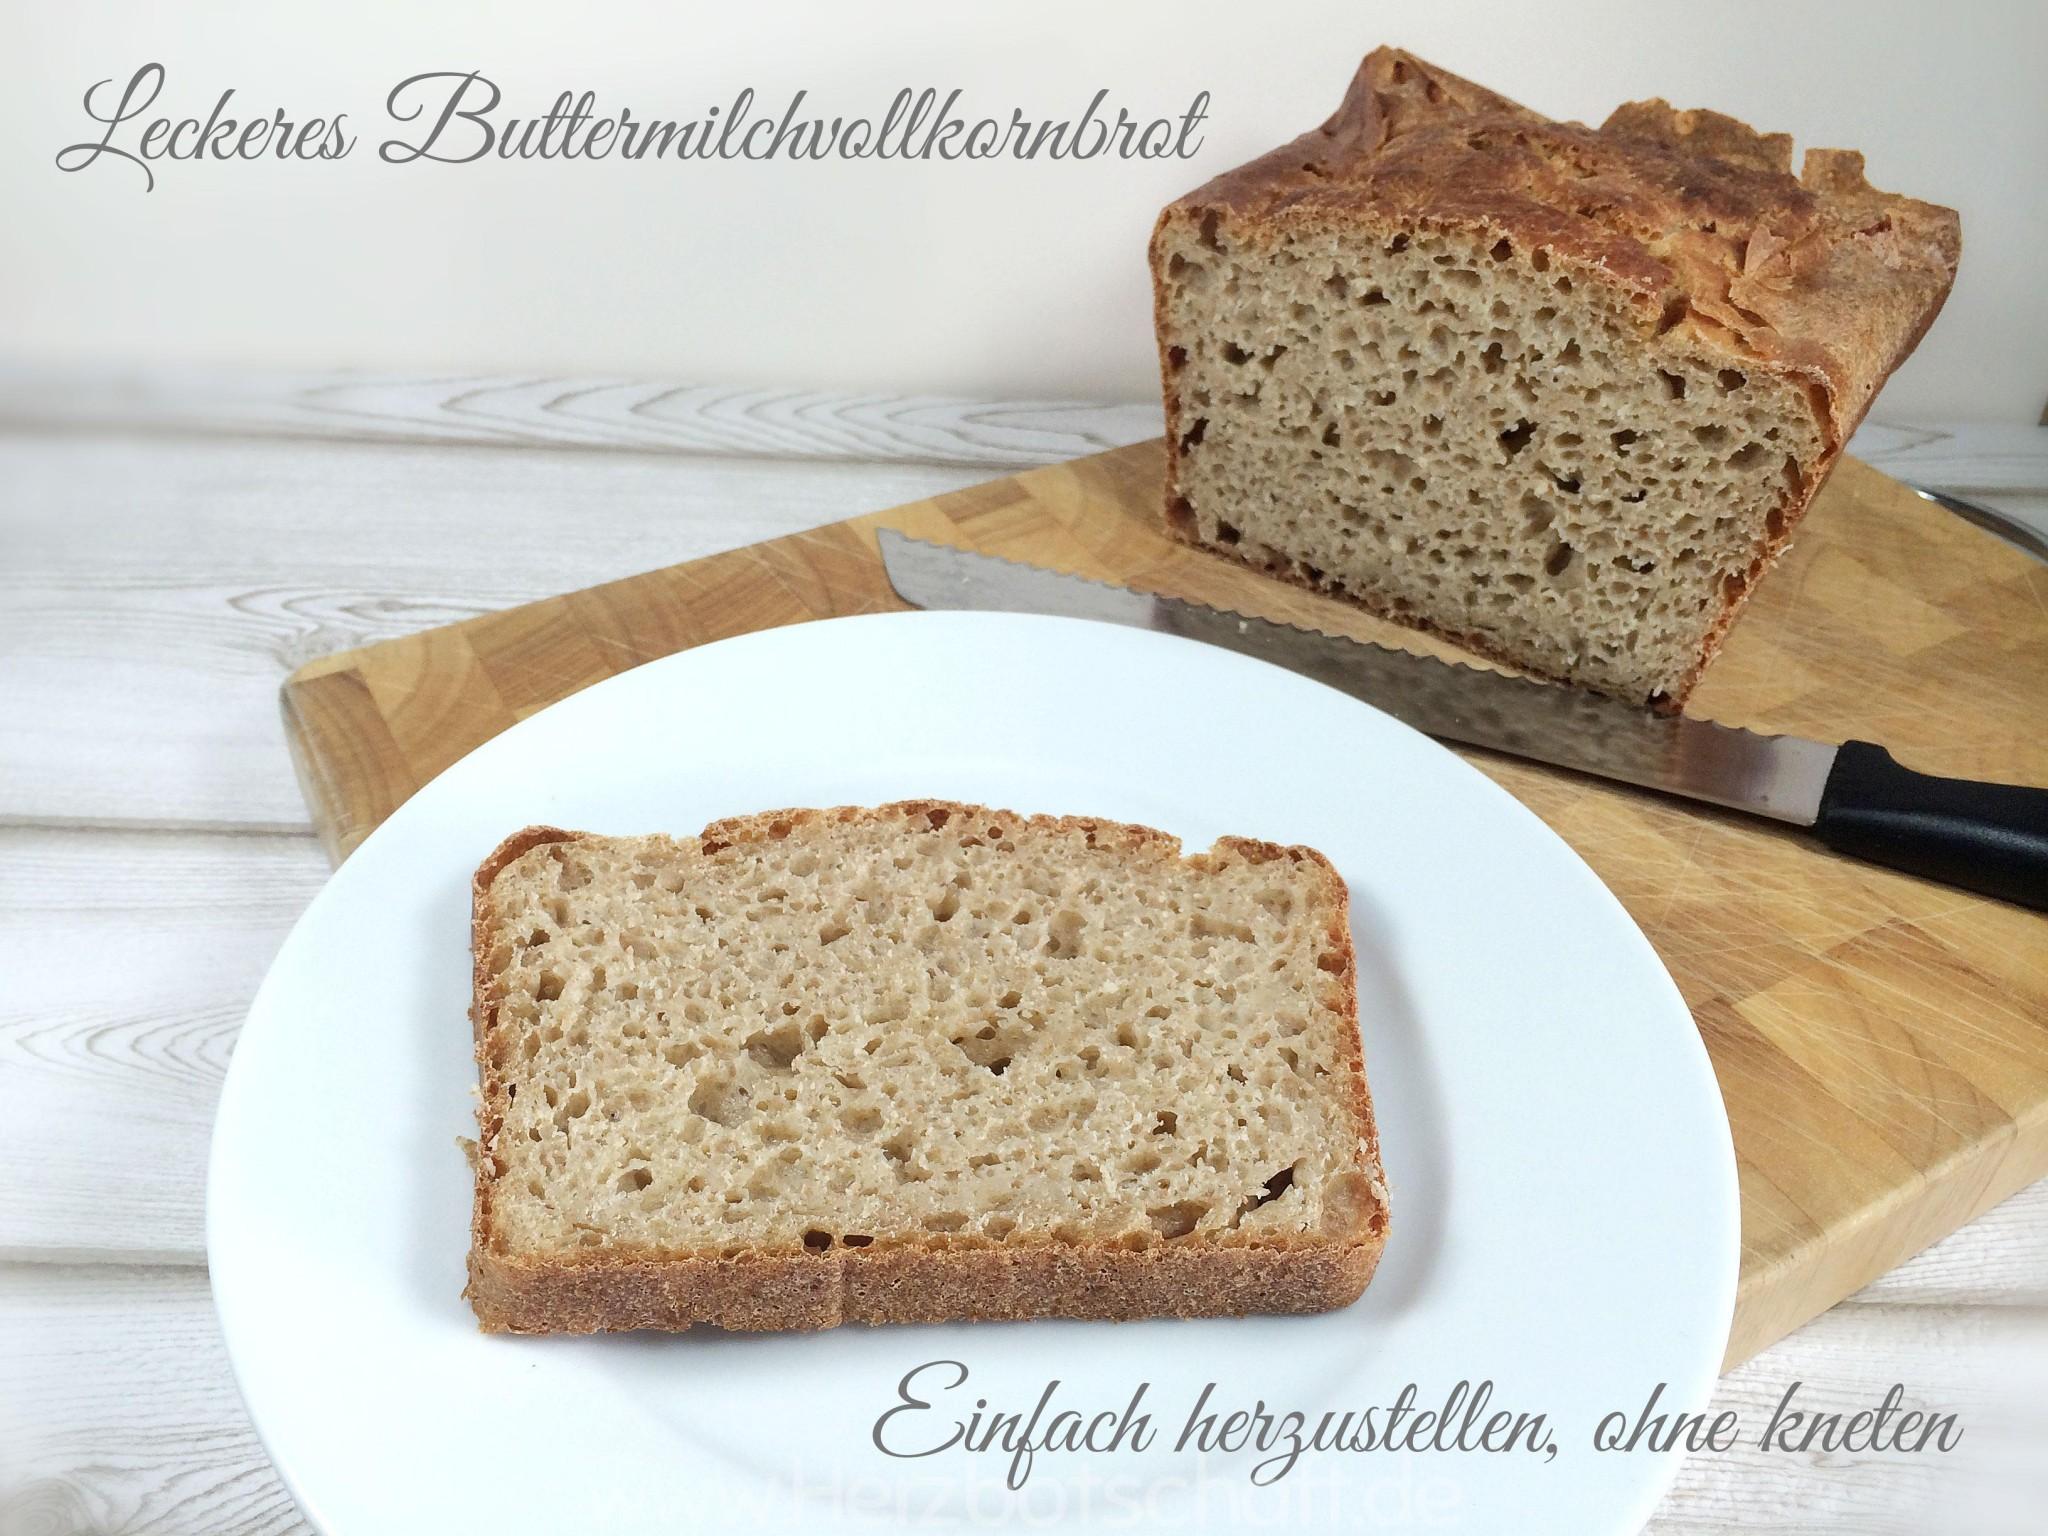 Leckeres Buttermilchbrot ohne kneten- einfach, gesund und schnell herzustellen